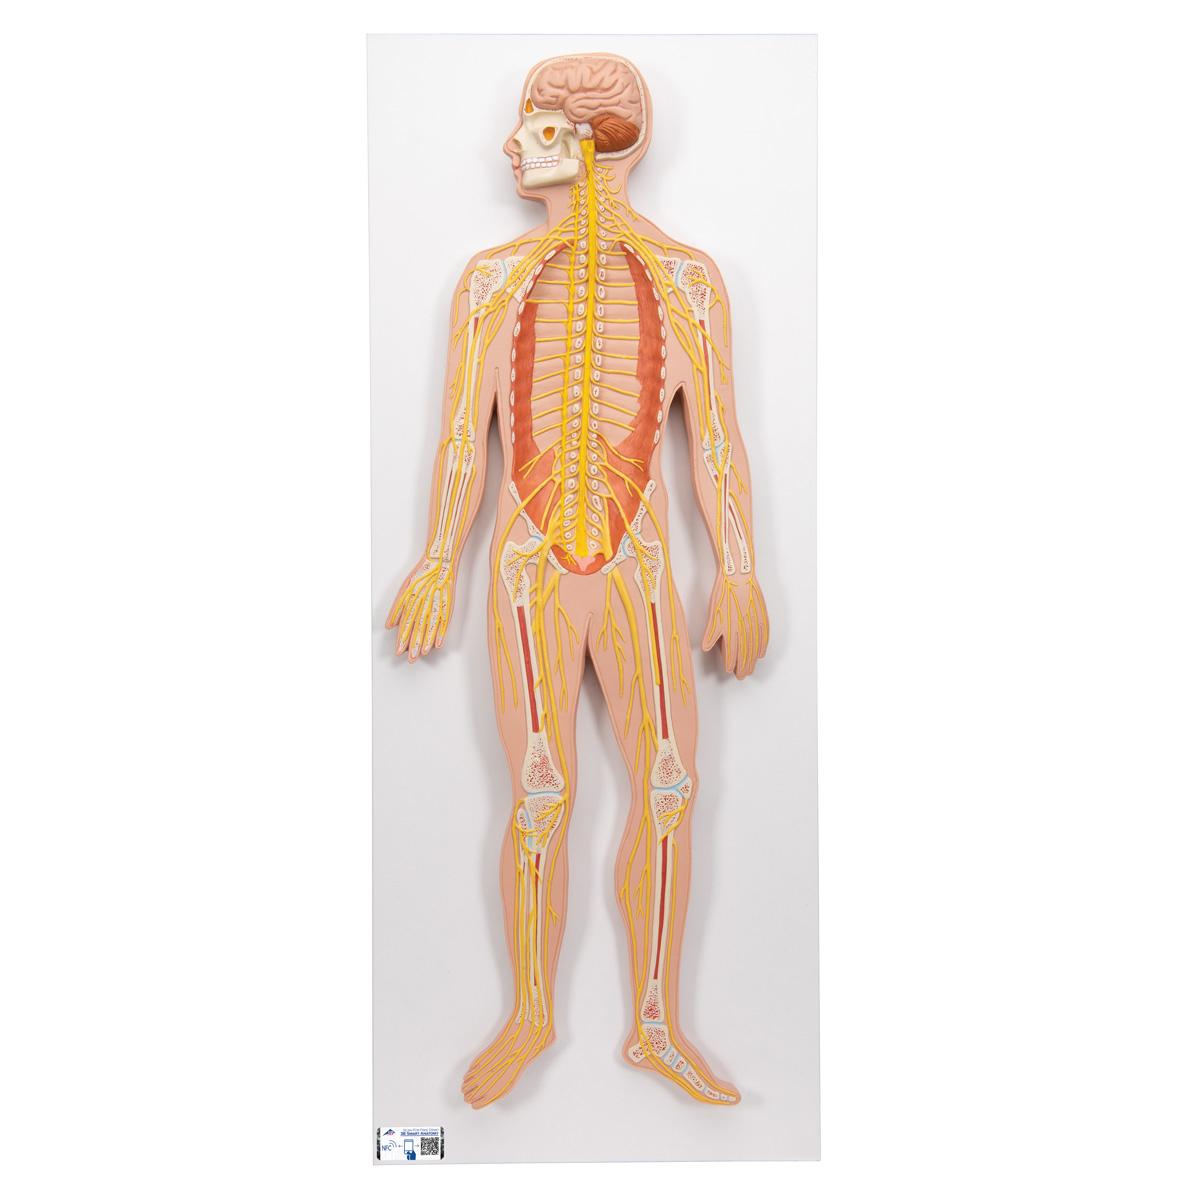 Nervensystem, 1/2 natürliche Größe - 1000231 - C30 - Nervensystem ...